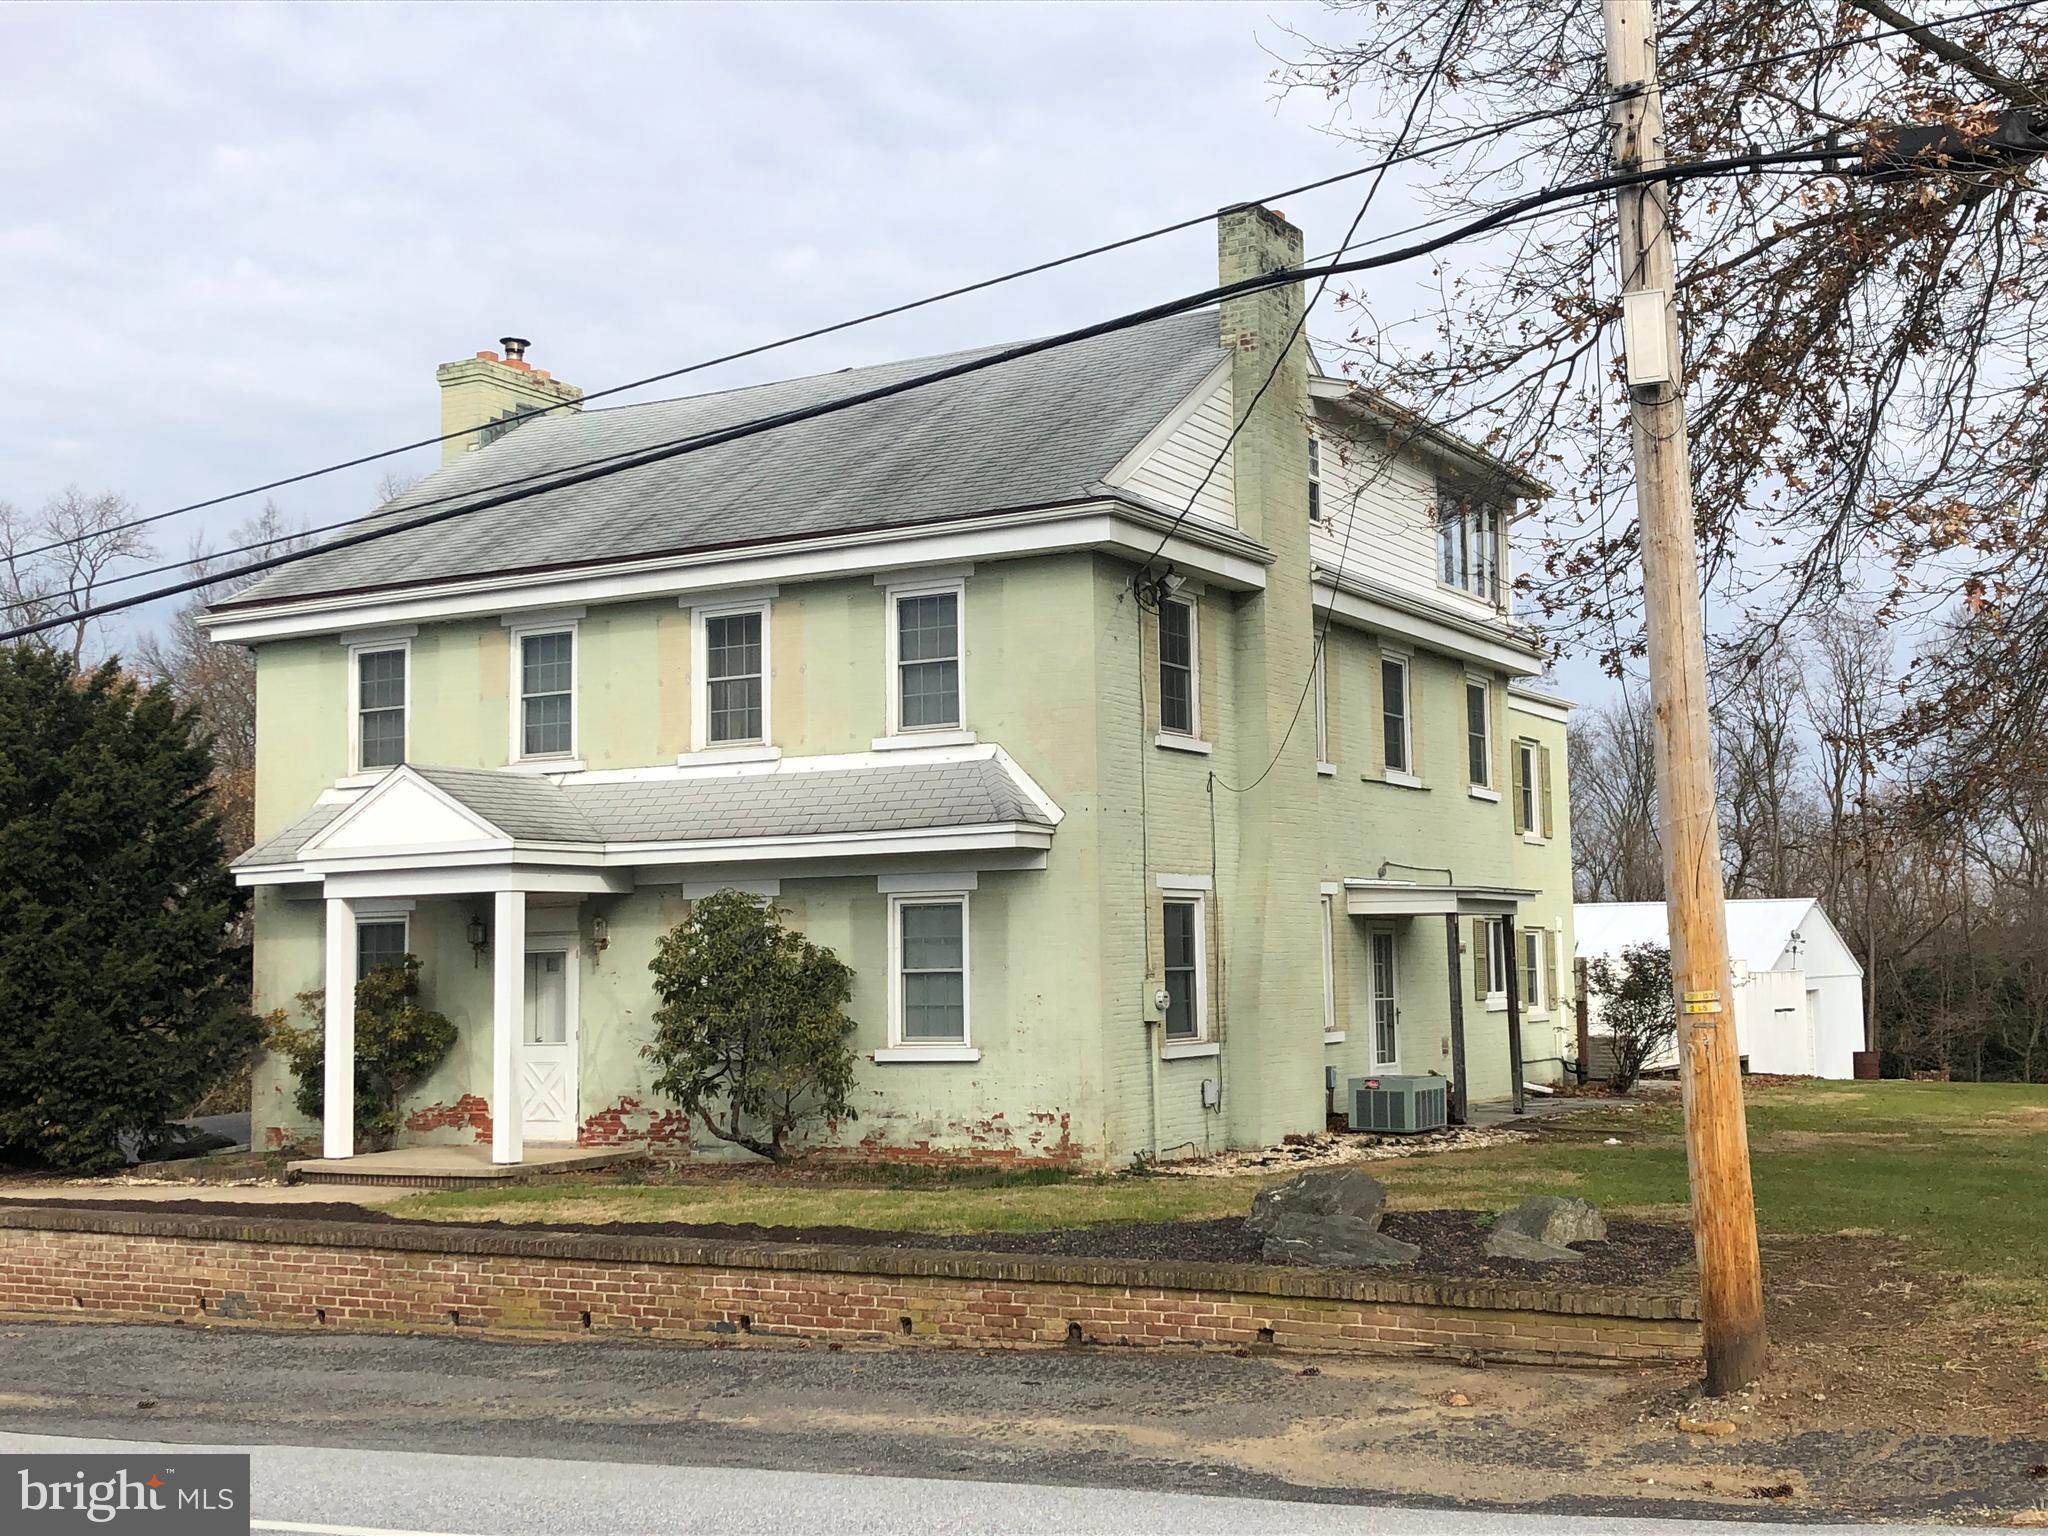 857 STEHMAN ROAD, MILLERSVILLE, PA 17551